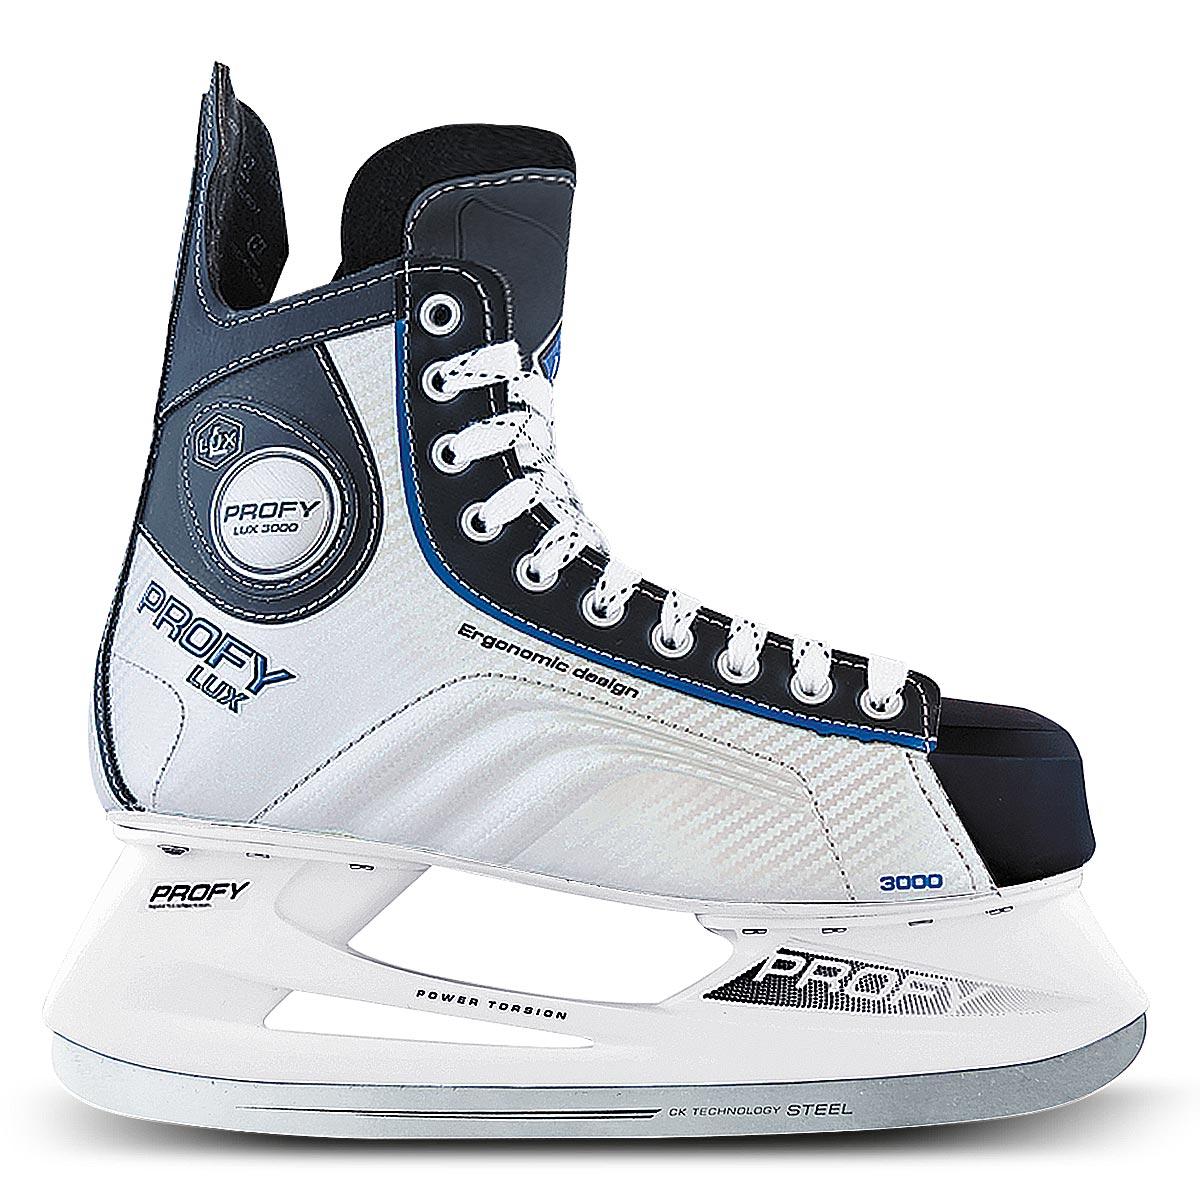 Коньки хоккейные мужские СК Profy Lux 3000, цвет: черный, серебряный, синий. Размер 43PROFY LUX 3000 Blue_43Стильные мужские коньки от CK Profy Lux 3000 Blue прекрасно подойдут для начинающих игроков в хоккей. Ботинок выполнен из морозоустойчивой искусственной кожи и резистентного ПВХ. Мыс дополнен вставкой, которая защитит ноги от ударов. Внутренний слой и стелька изготовлены из мягкого трикотажа, который обеспечит тепло и комфорт во время катания, язычок - из войлока. Плотная шнуровка надежно фиксирует модель на ноге. Голеностоп имеет удобный суппорт. По бокам, на язычке и заднике коньки декорированы принтом и тиснением в виде логотипа бренда. Подошва - из твердого пластика. Стойка выполнена из ударопрочного поливинилхлорида. Лезвие из углеродистой нержавеющей стали обеспечит превосходное скольжение.